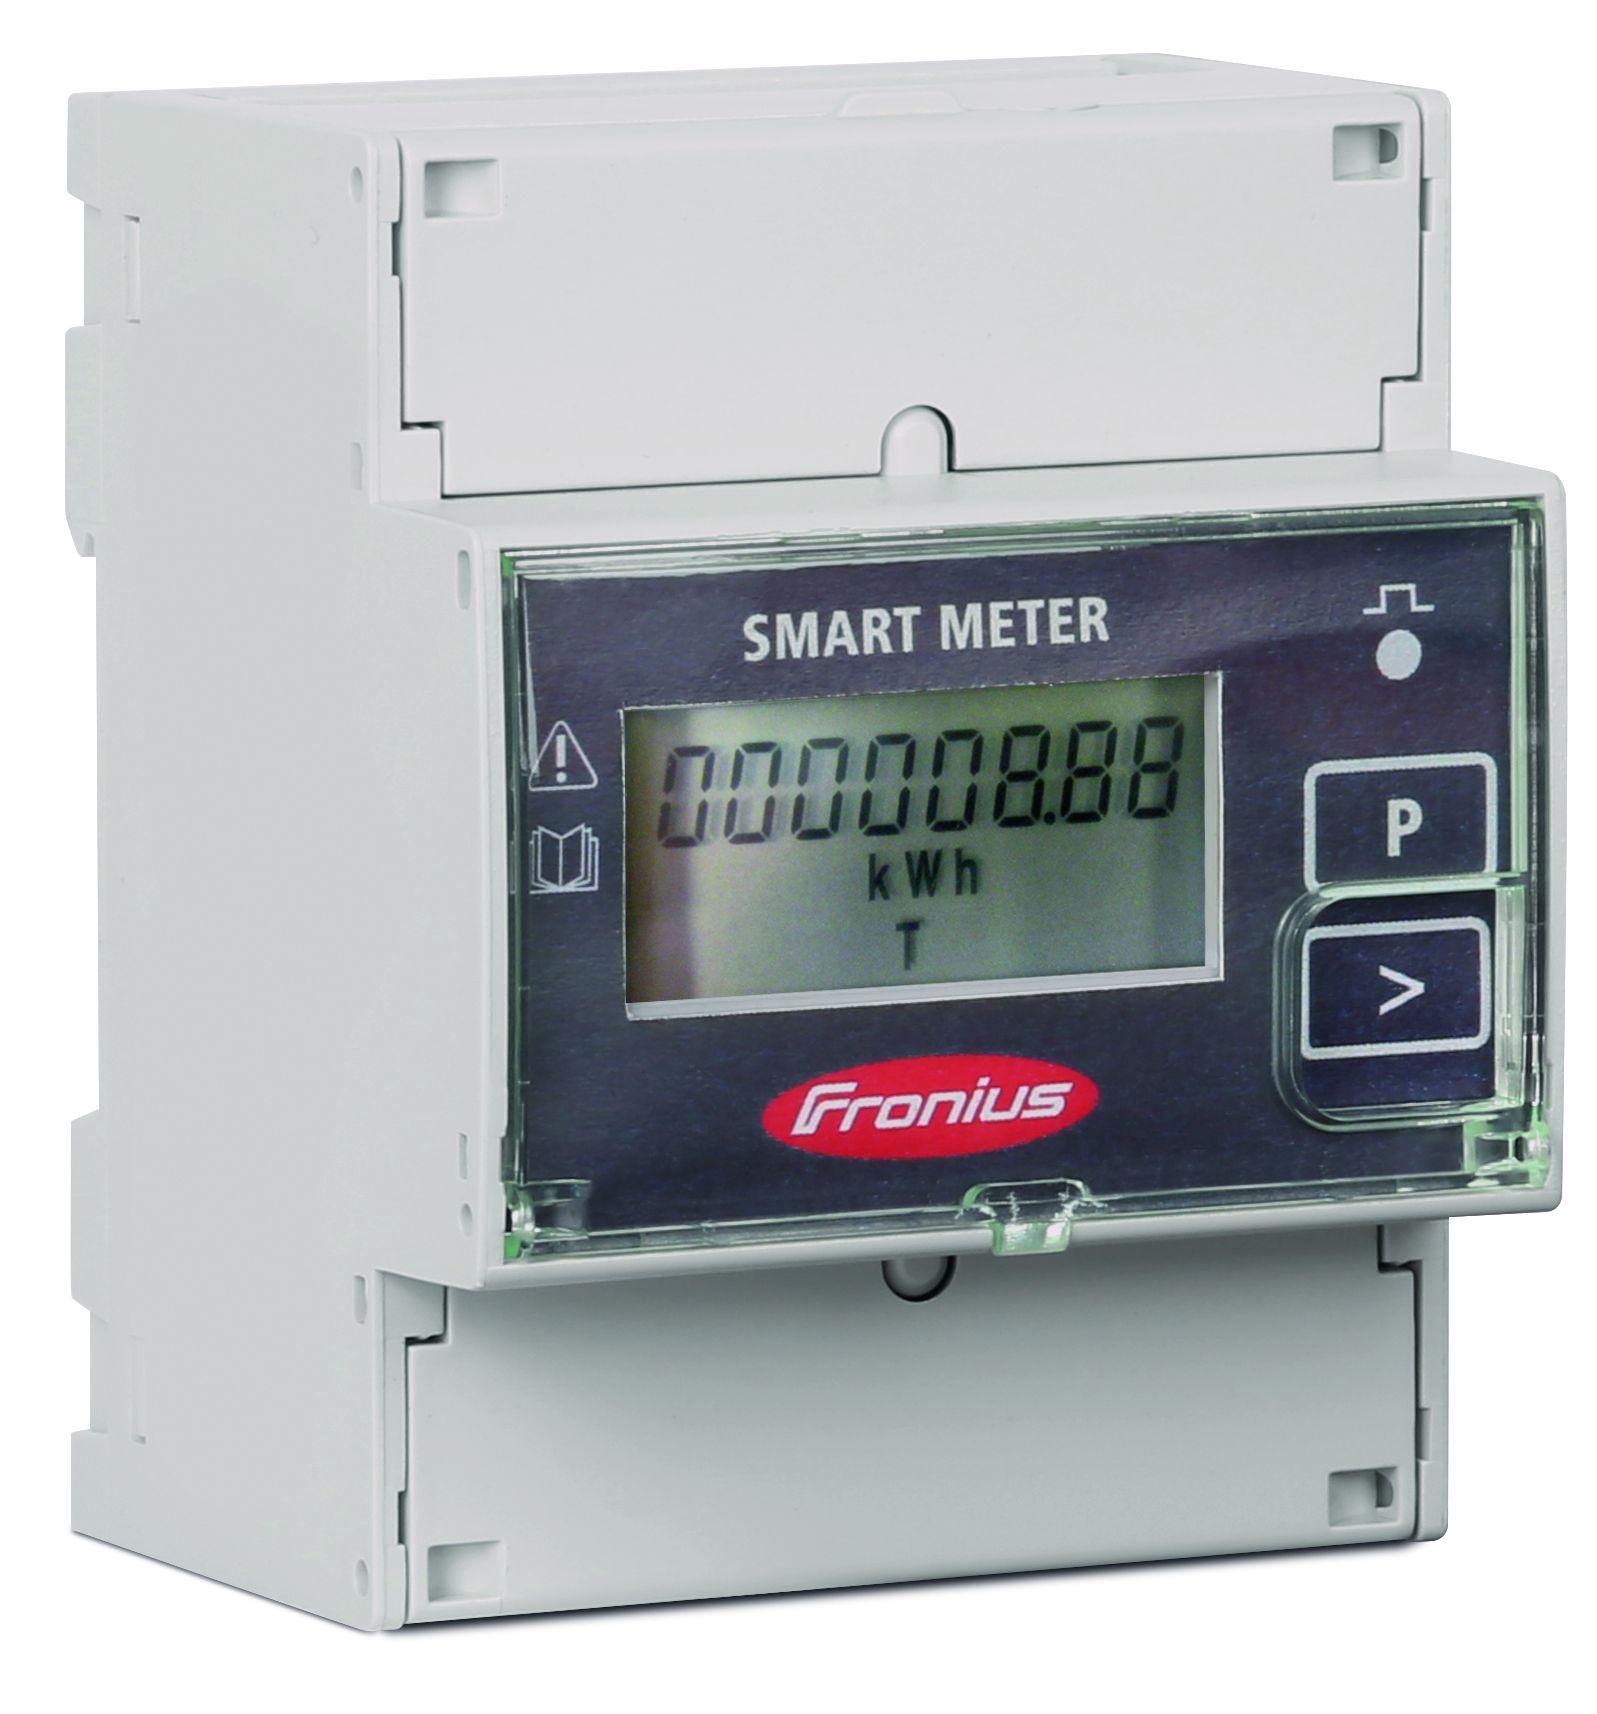 1 Stk Fronius Smart Meter 63A/3ph PVH10000--